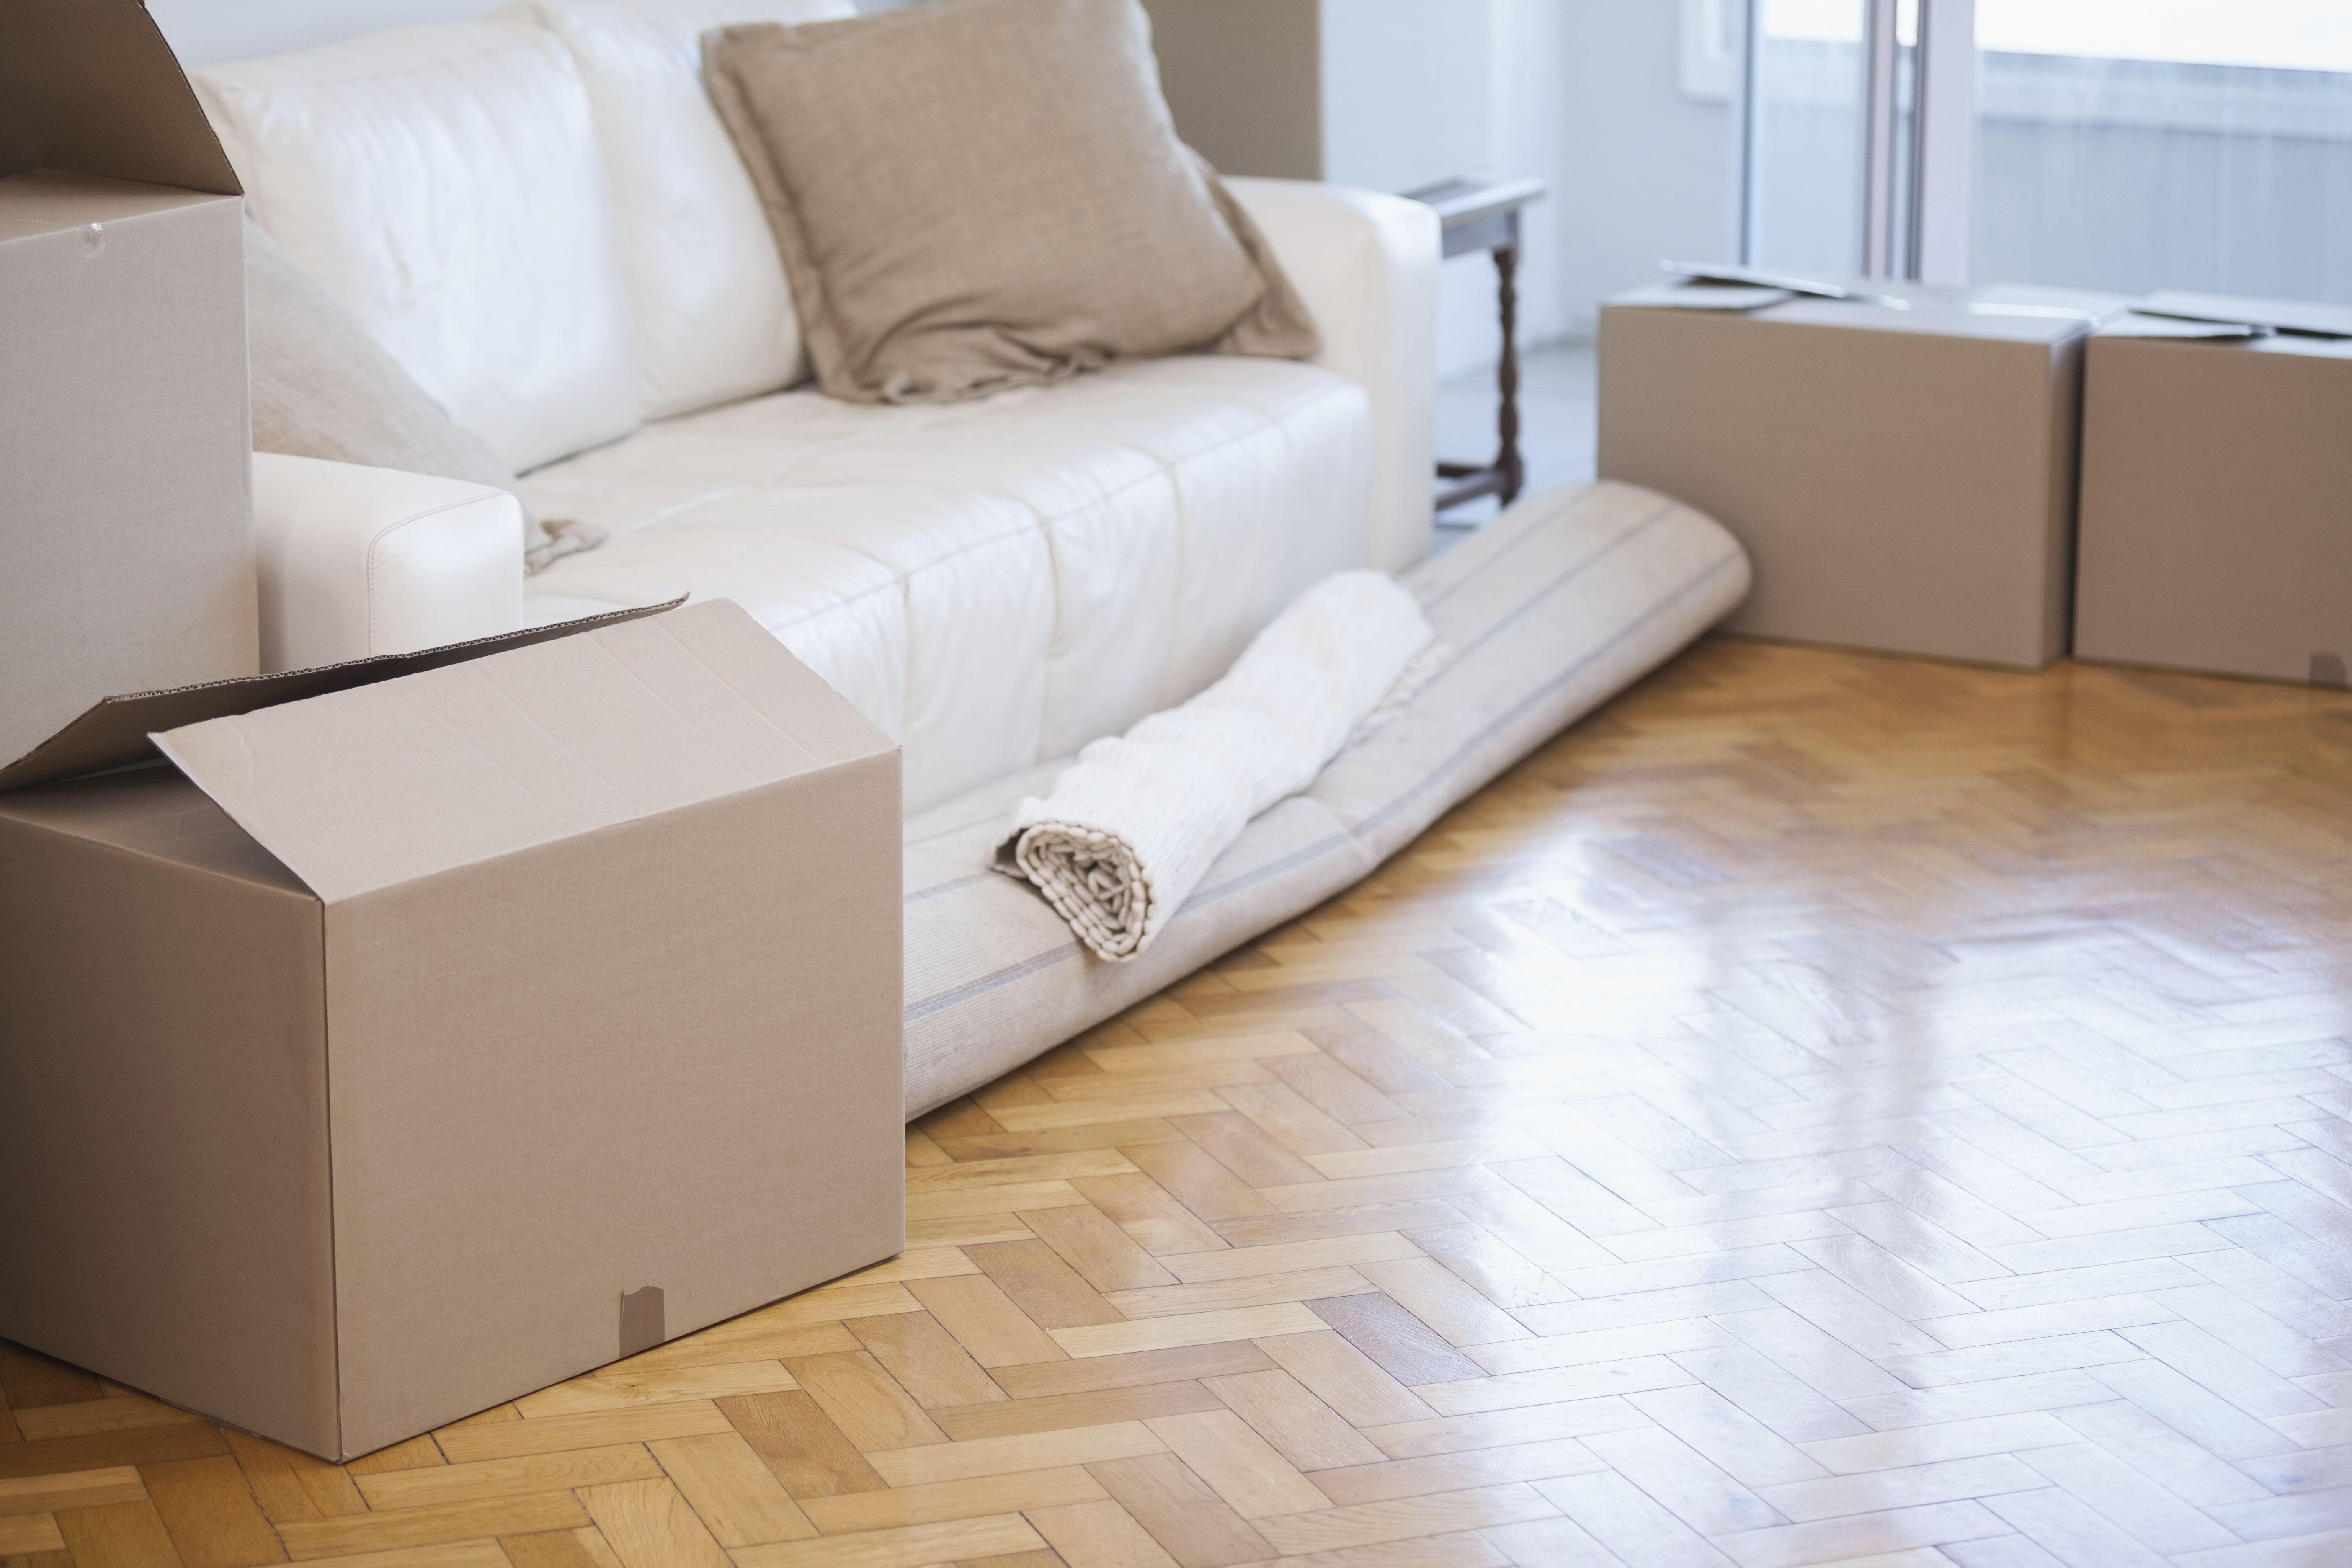 Recogida y retirada de muebles: Servicios de Lanossa Limpiezas